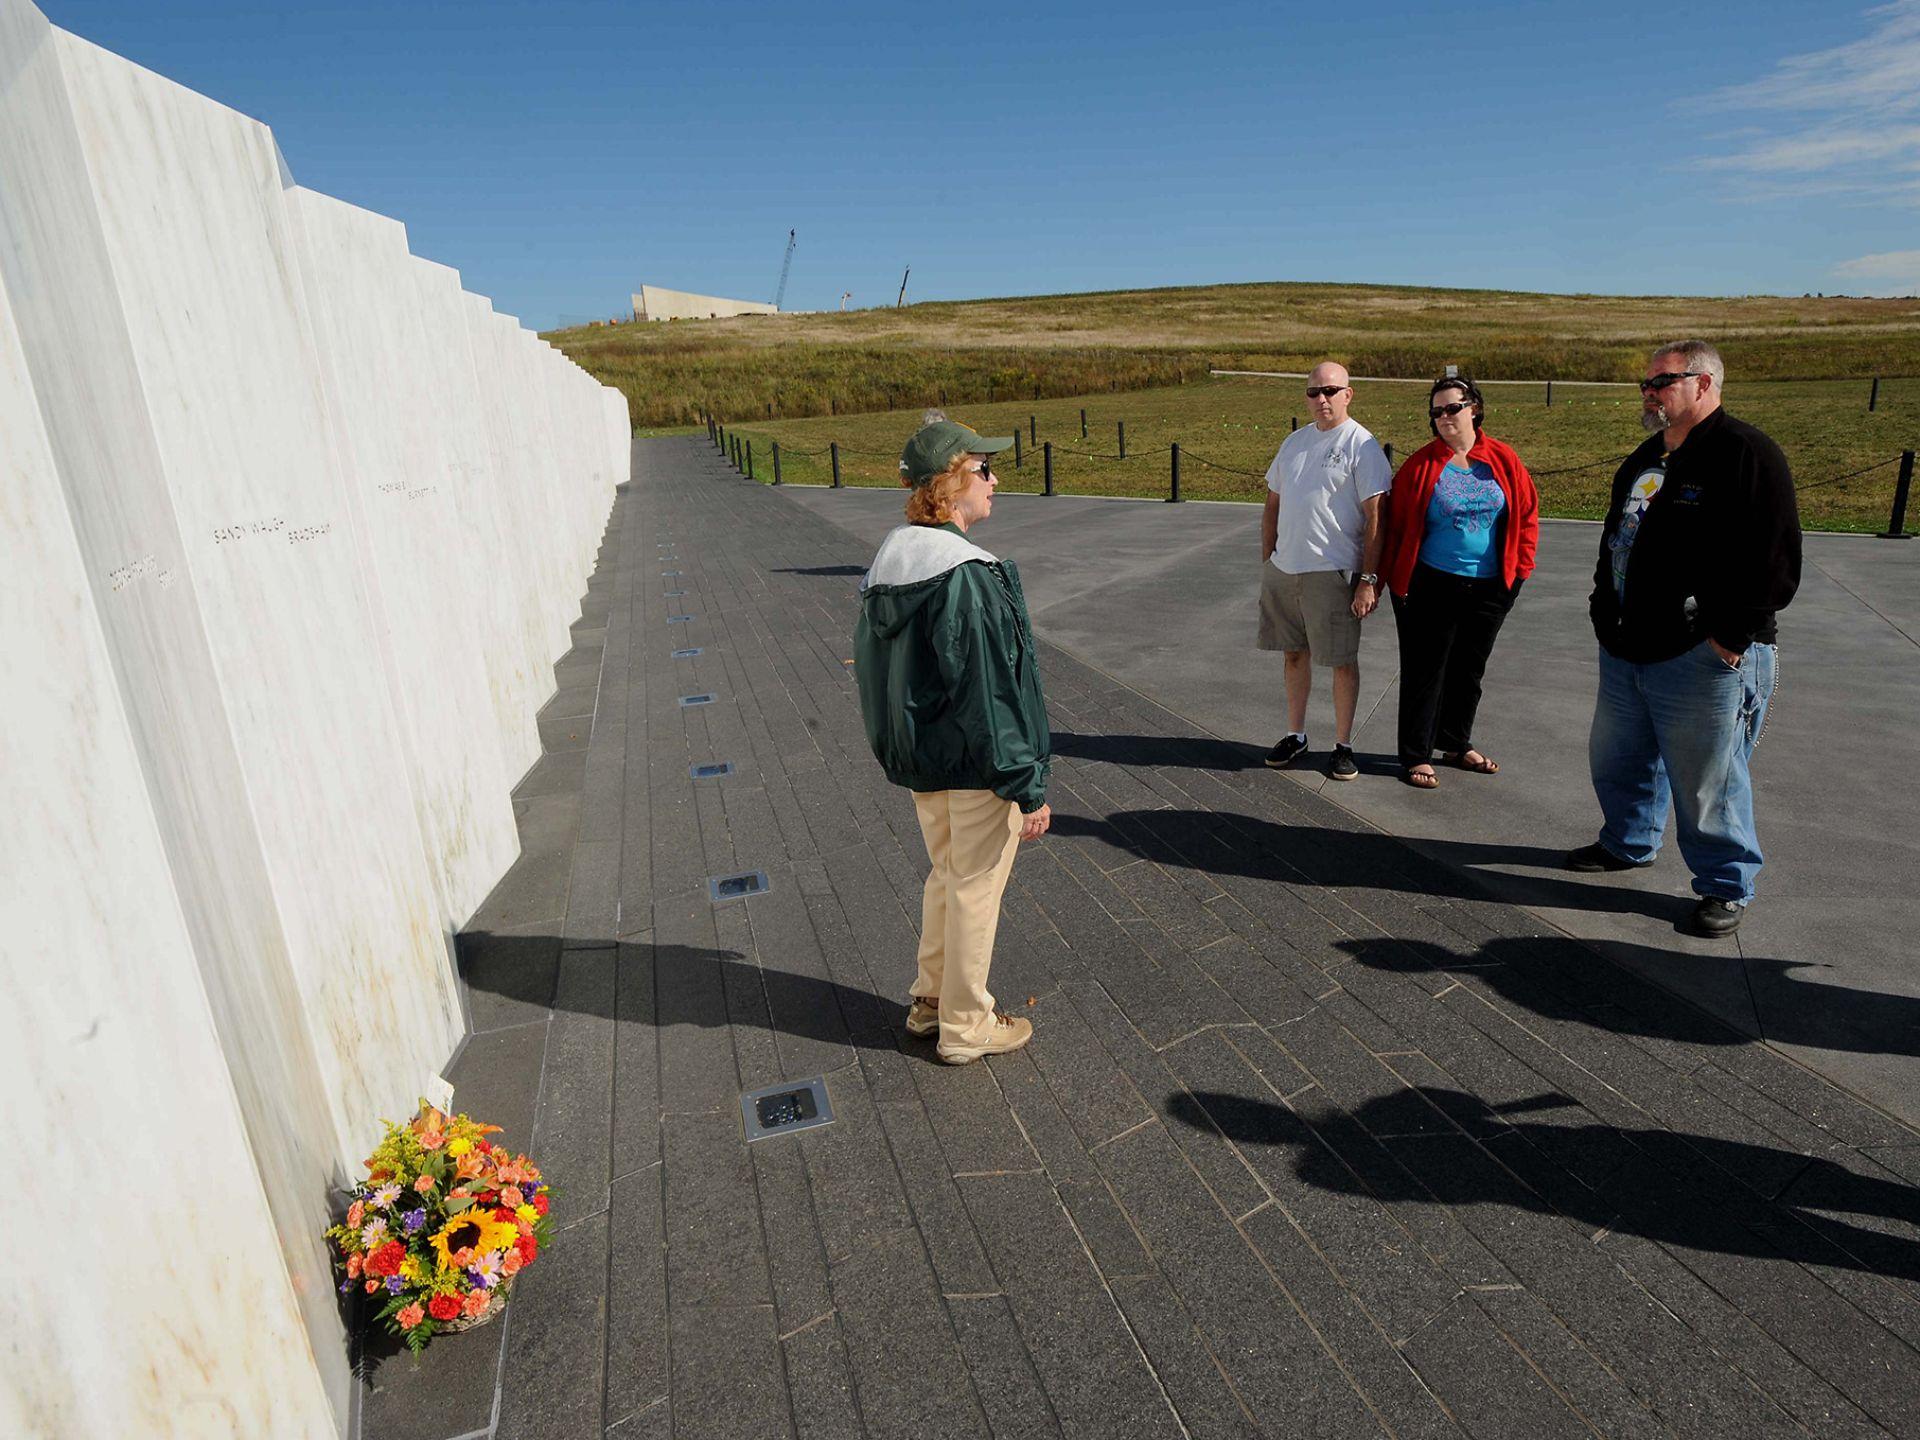 9月8日,志愿者朱迪·布兰特站在纪念墙前为参观者讲解。